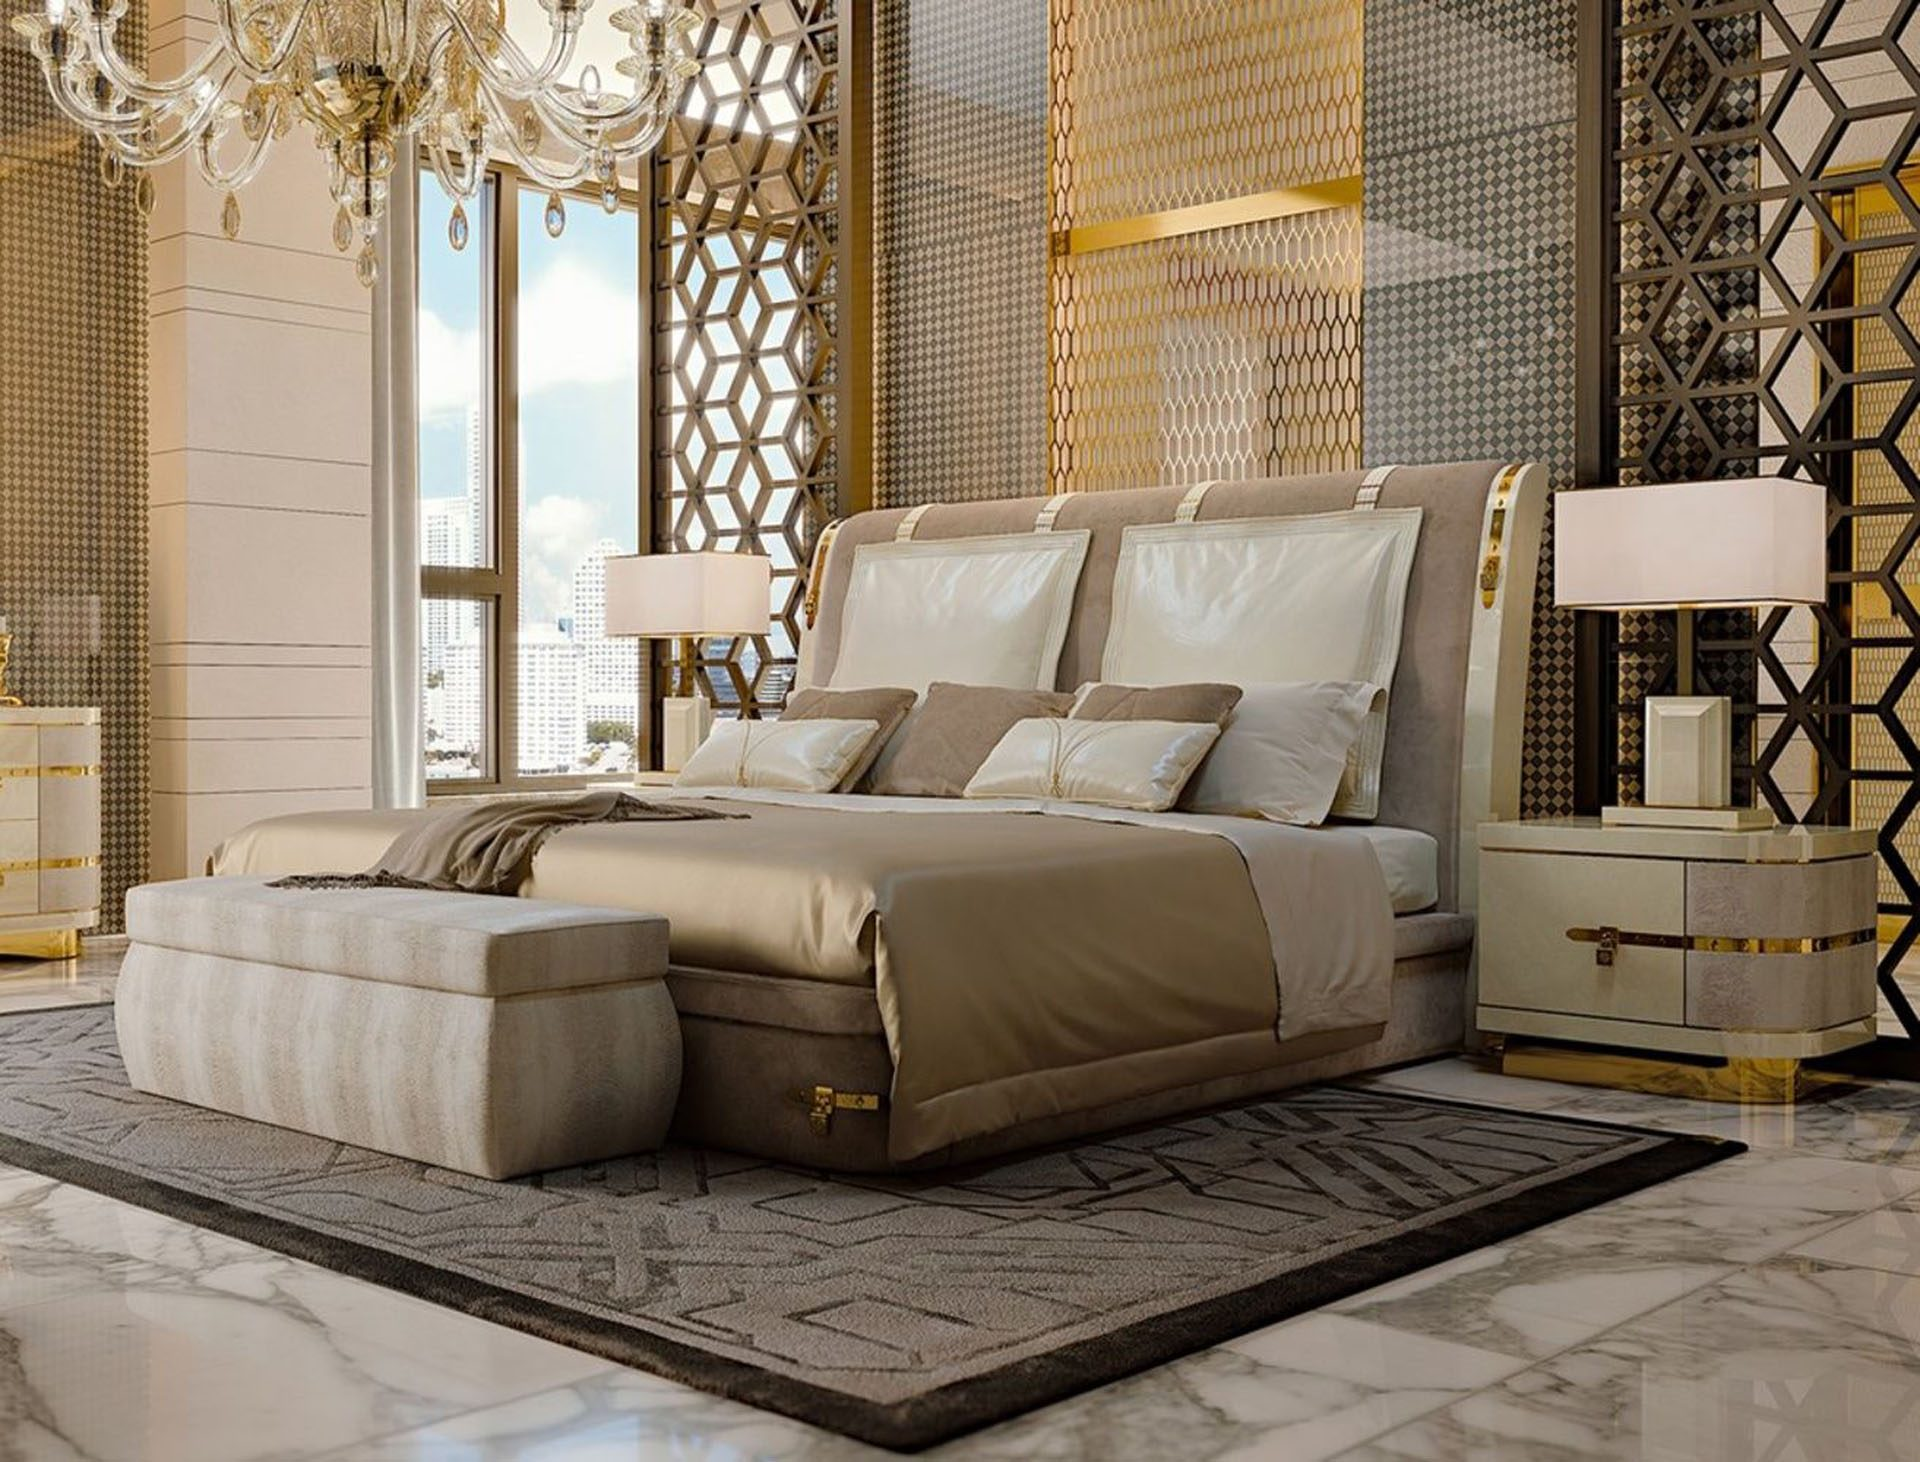 White Diamond Bed